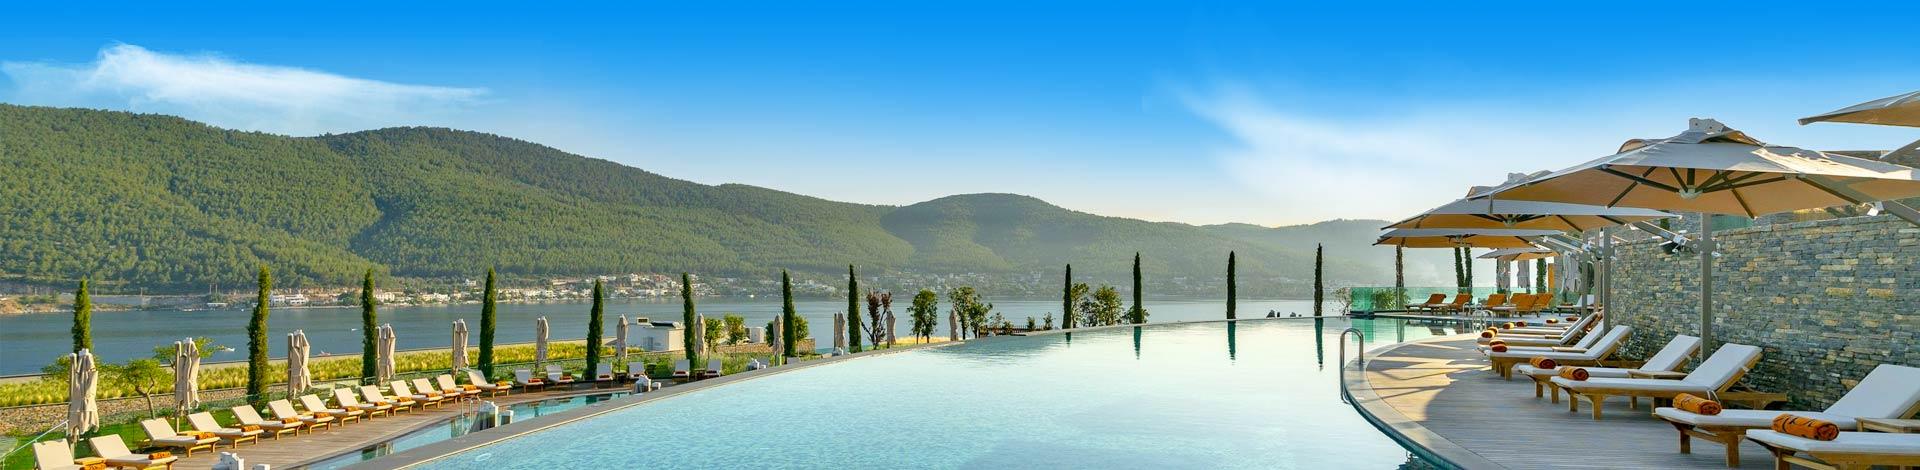 Prachtig luxe zwembad met ligbedjes met heuvels en de zee aan de kust van Turkije